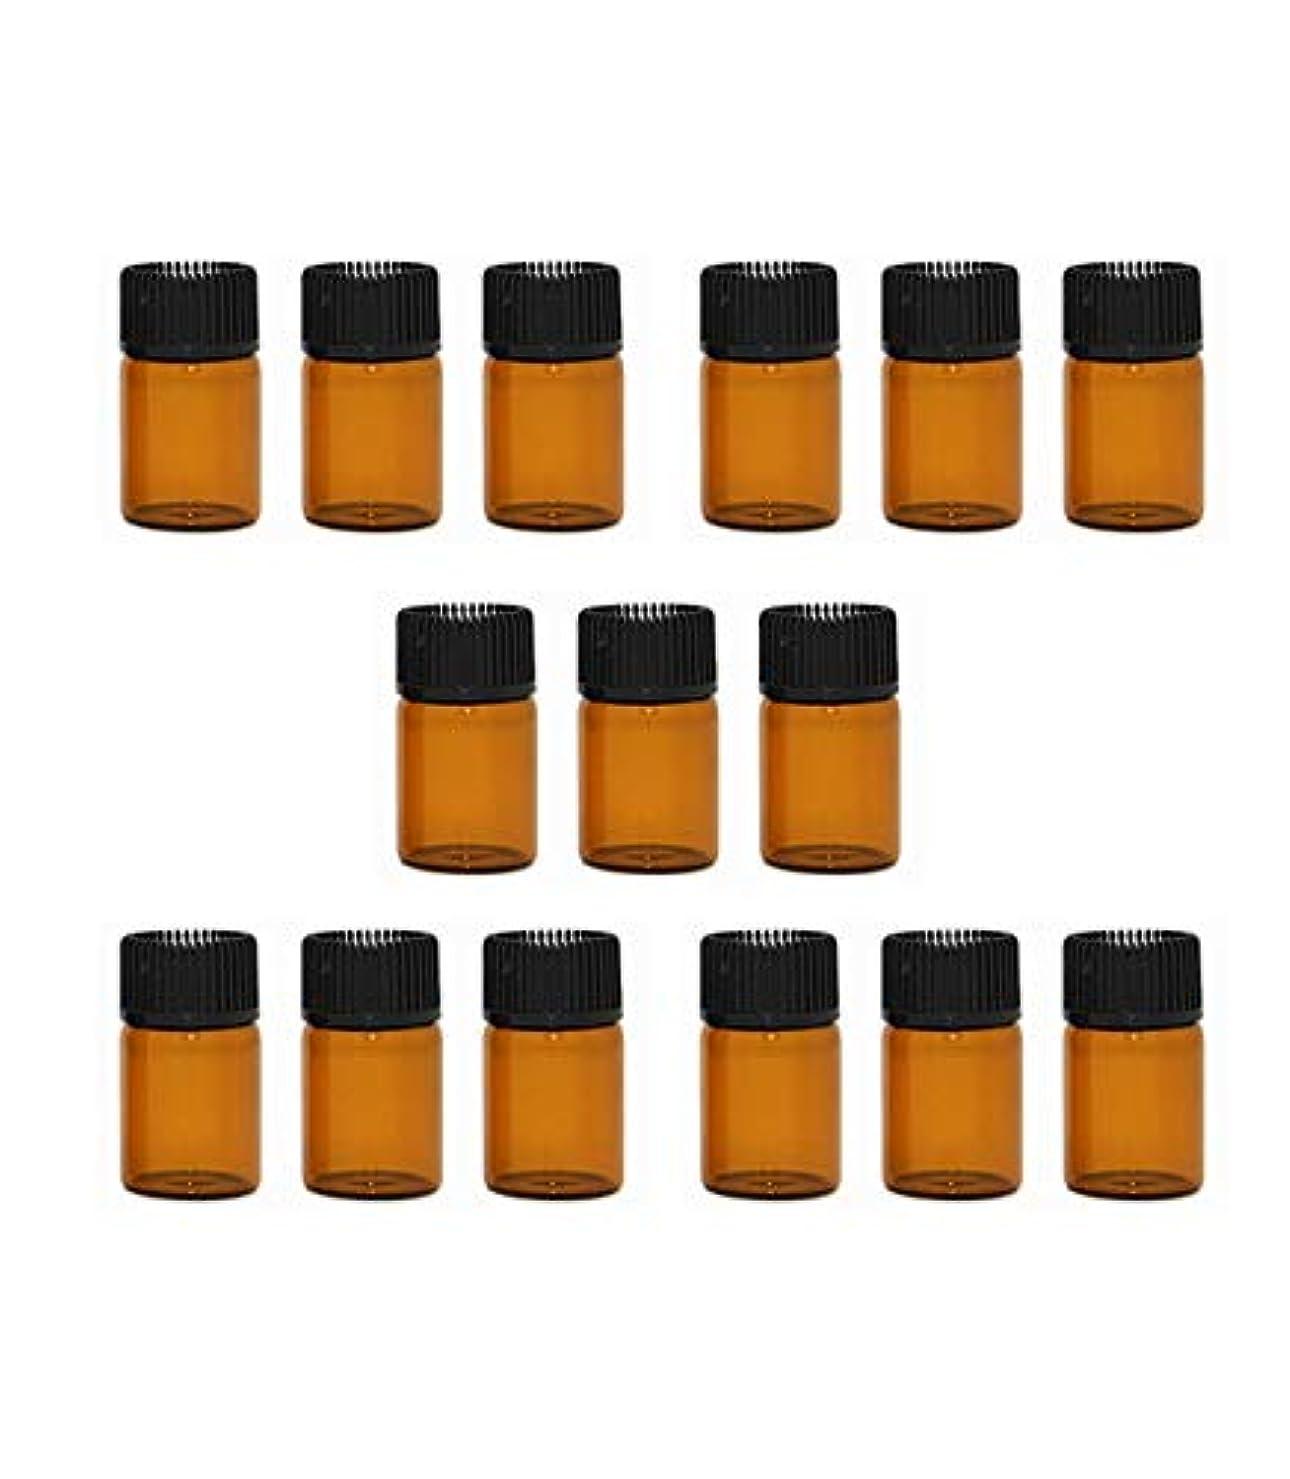 永遠に足枷インペリアル精油 小分け用 ボトル オイル 用 茶色 瓶 アロマオイル 遮光瓶 エッセンシャルオイル 保存瓶 2ml 15本セット